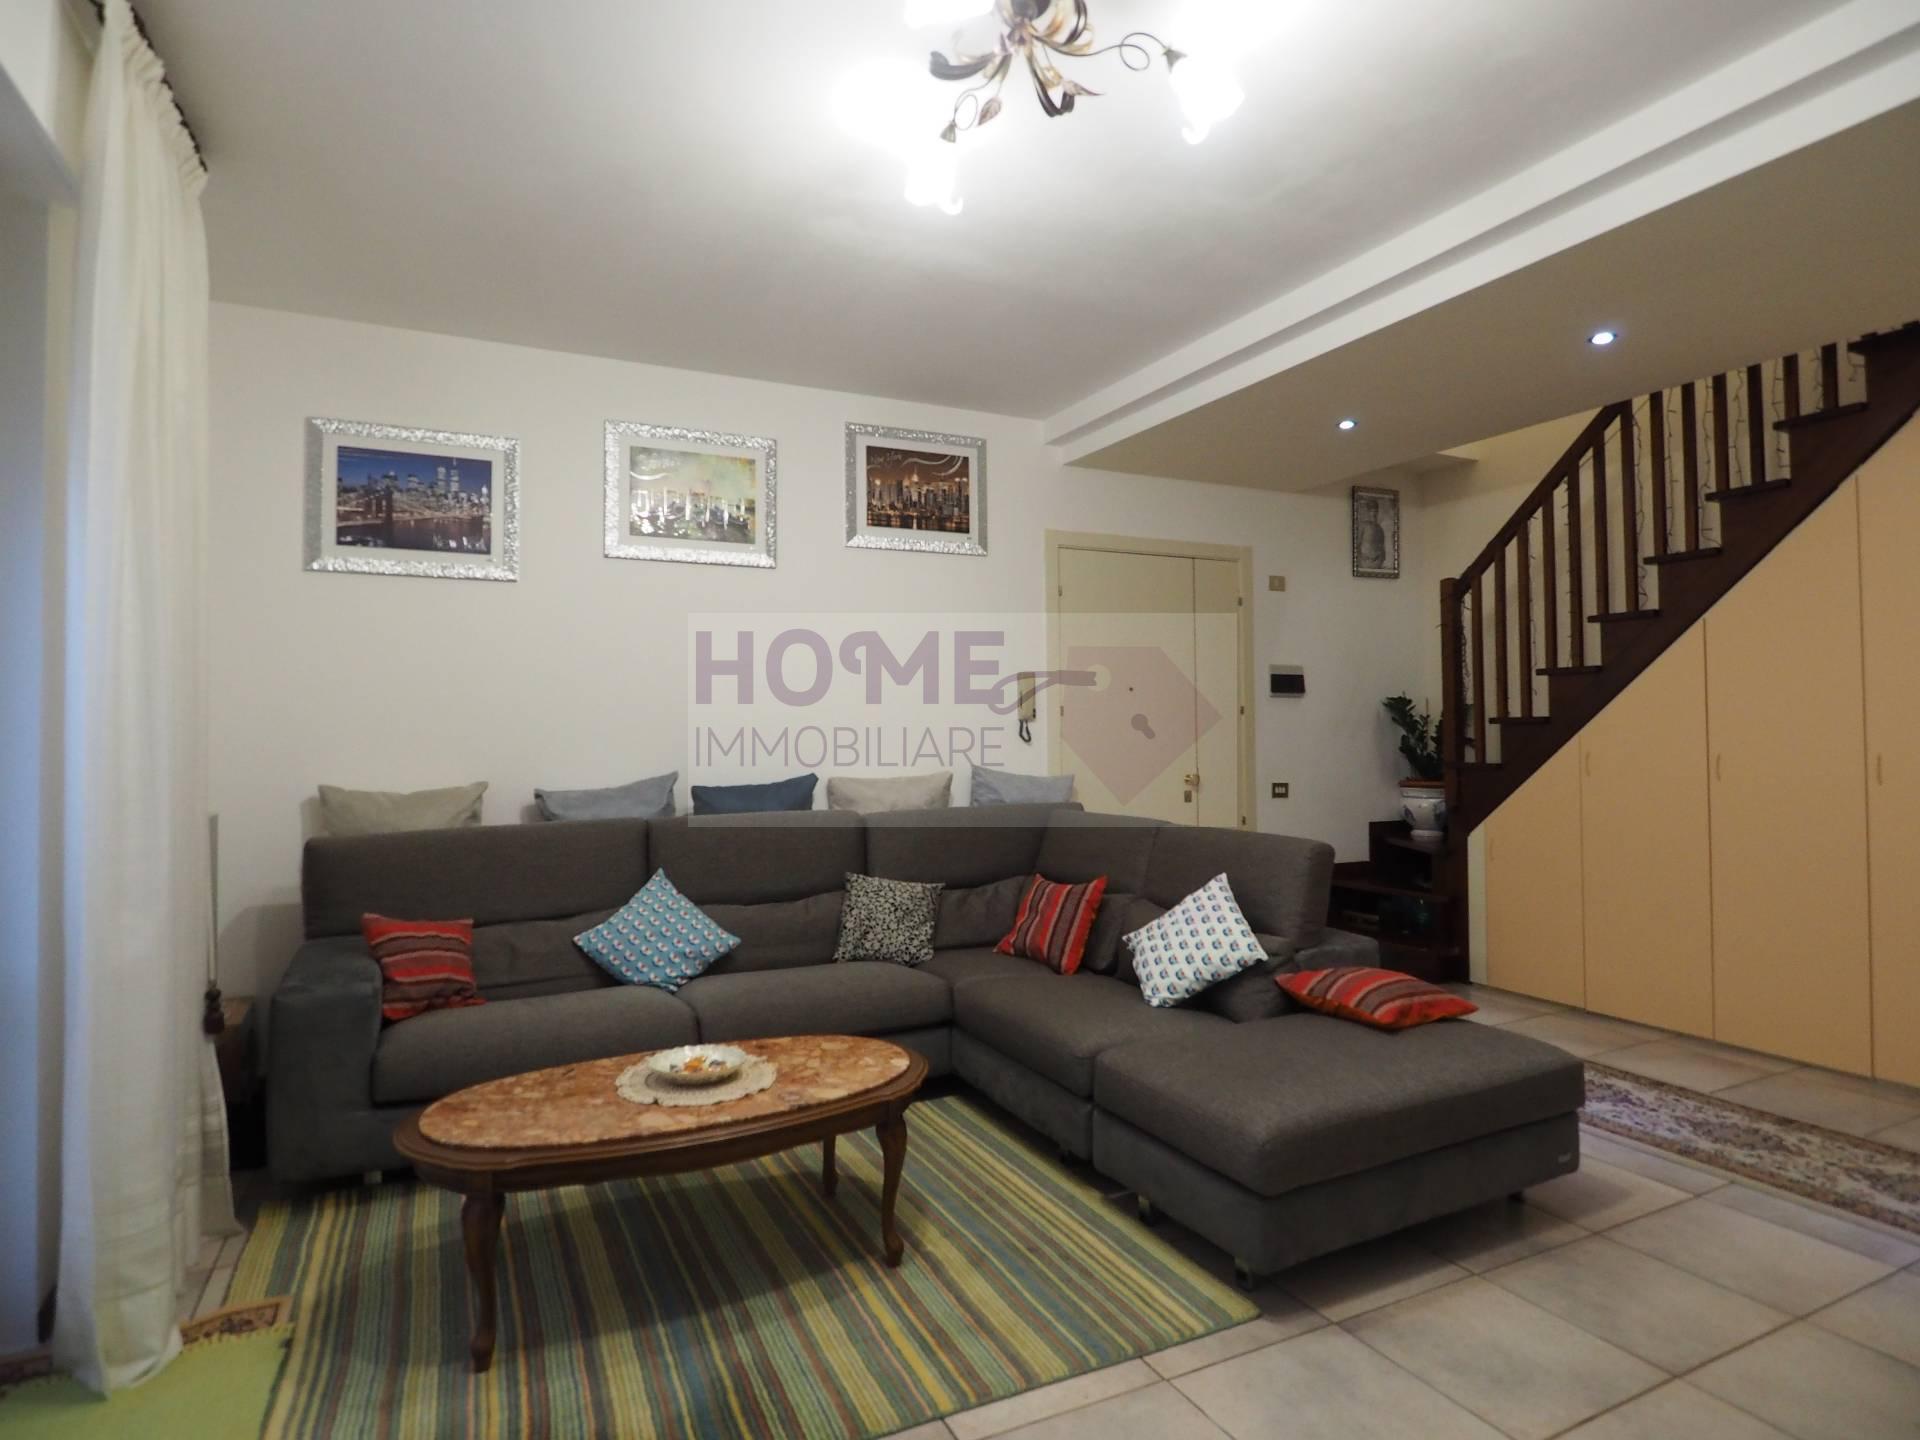 macerata vendita quart: sforzacosta home-immobiliare-srl